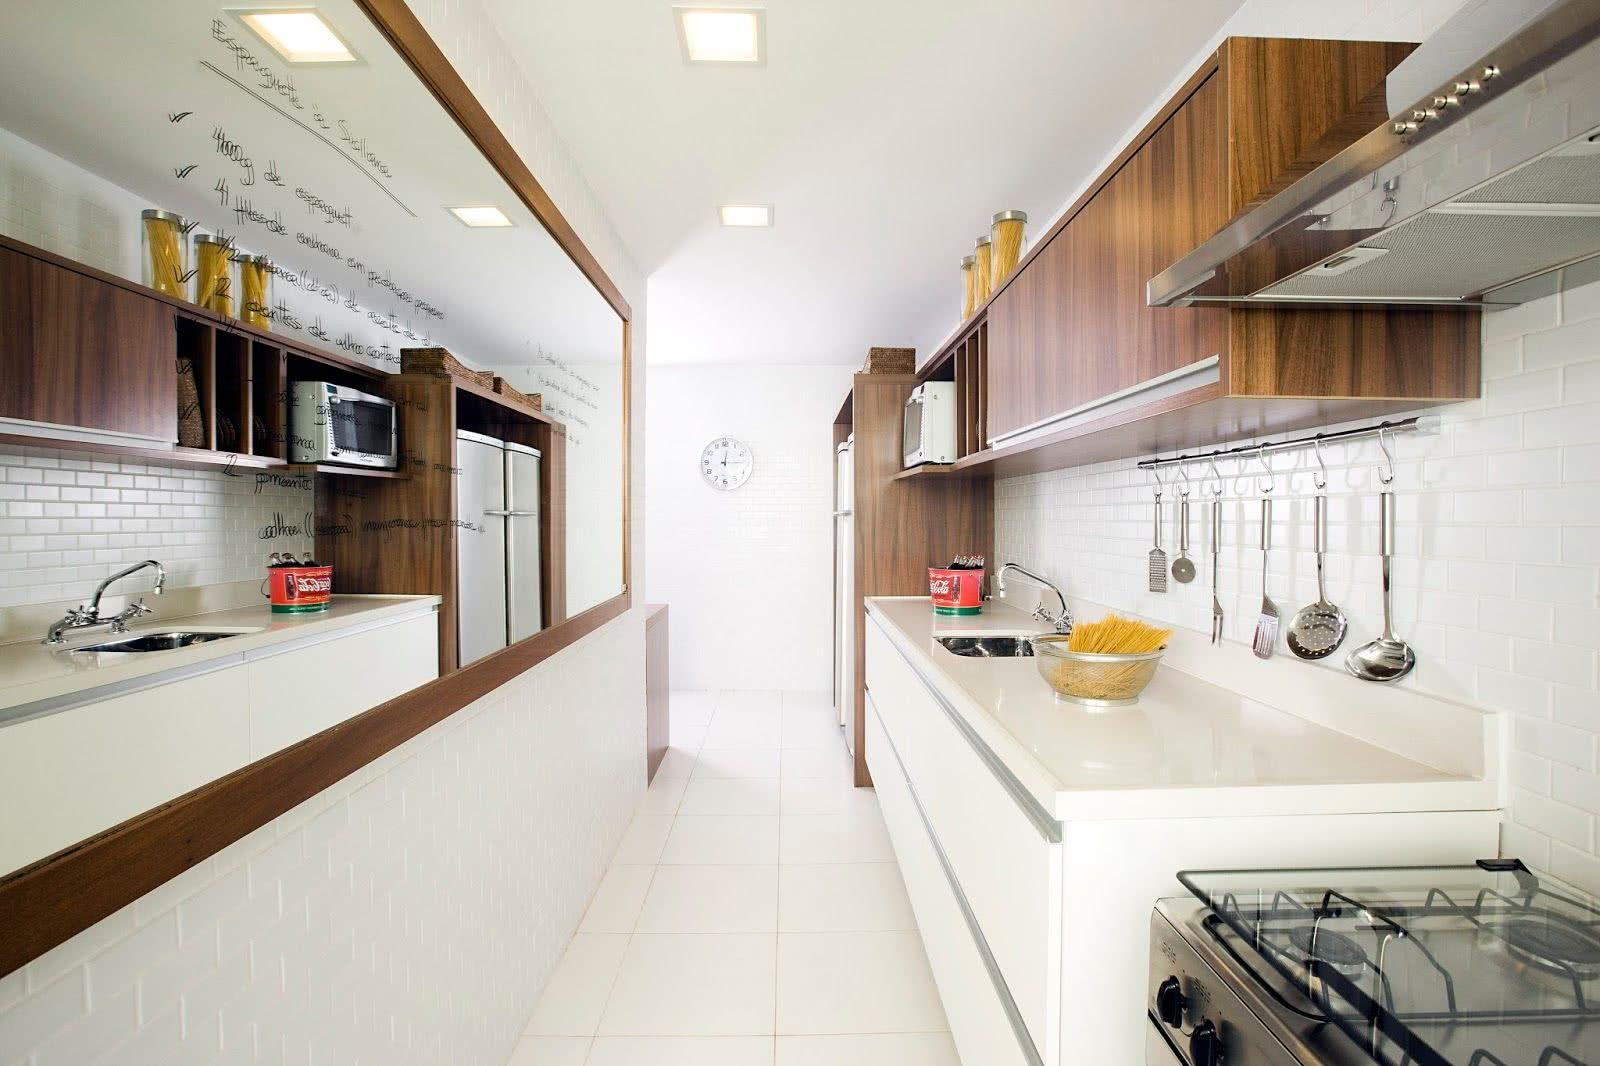 O espelho na parede oposta criou um efeito surpreendente na cozinha